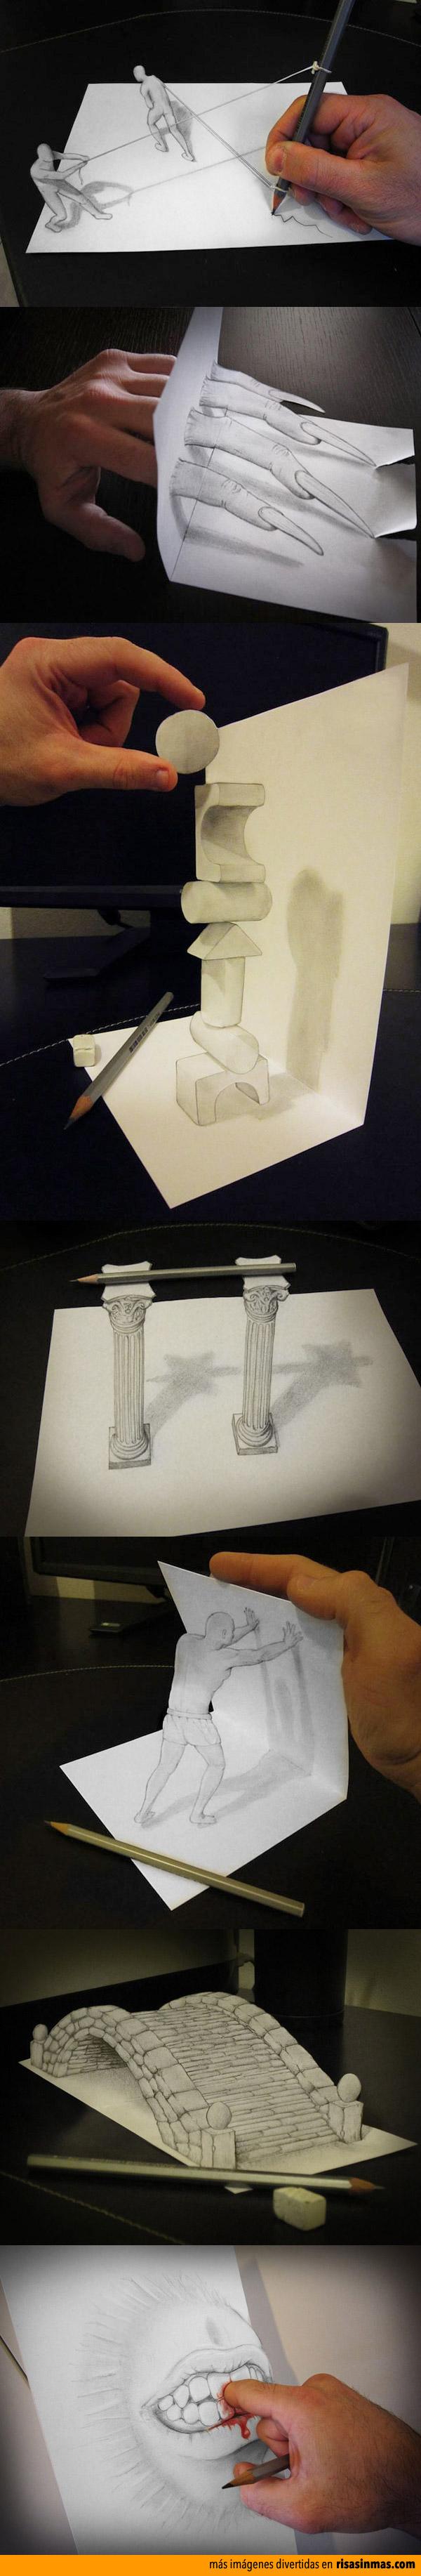 Ilusiones artísticas en 3D